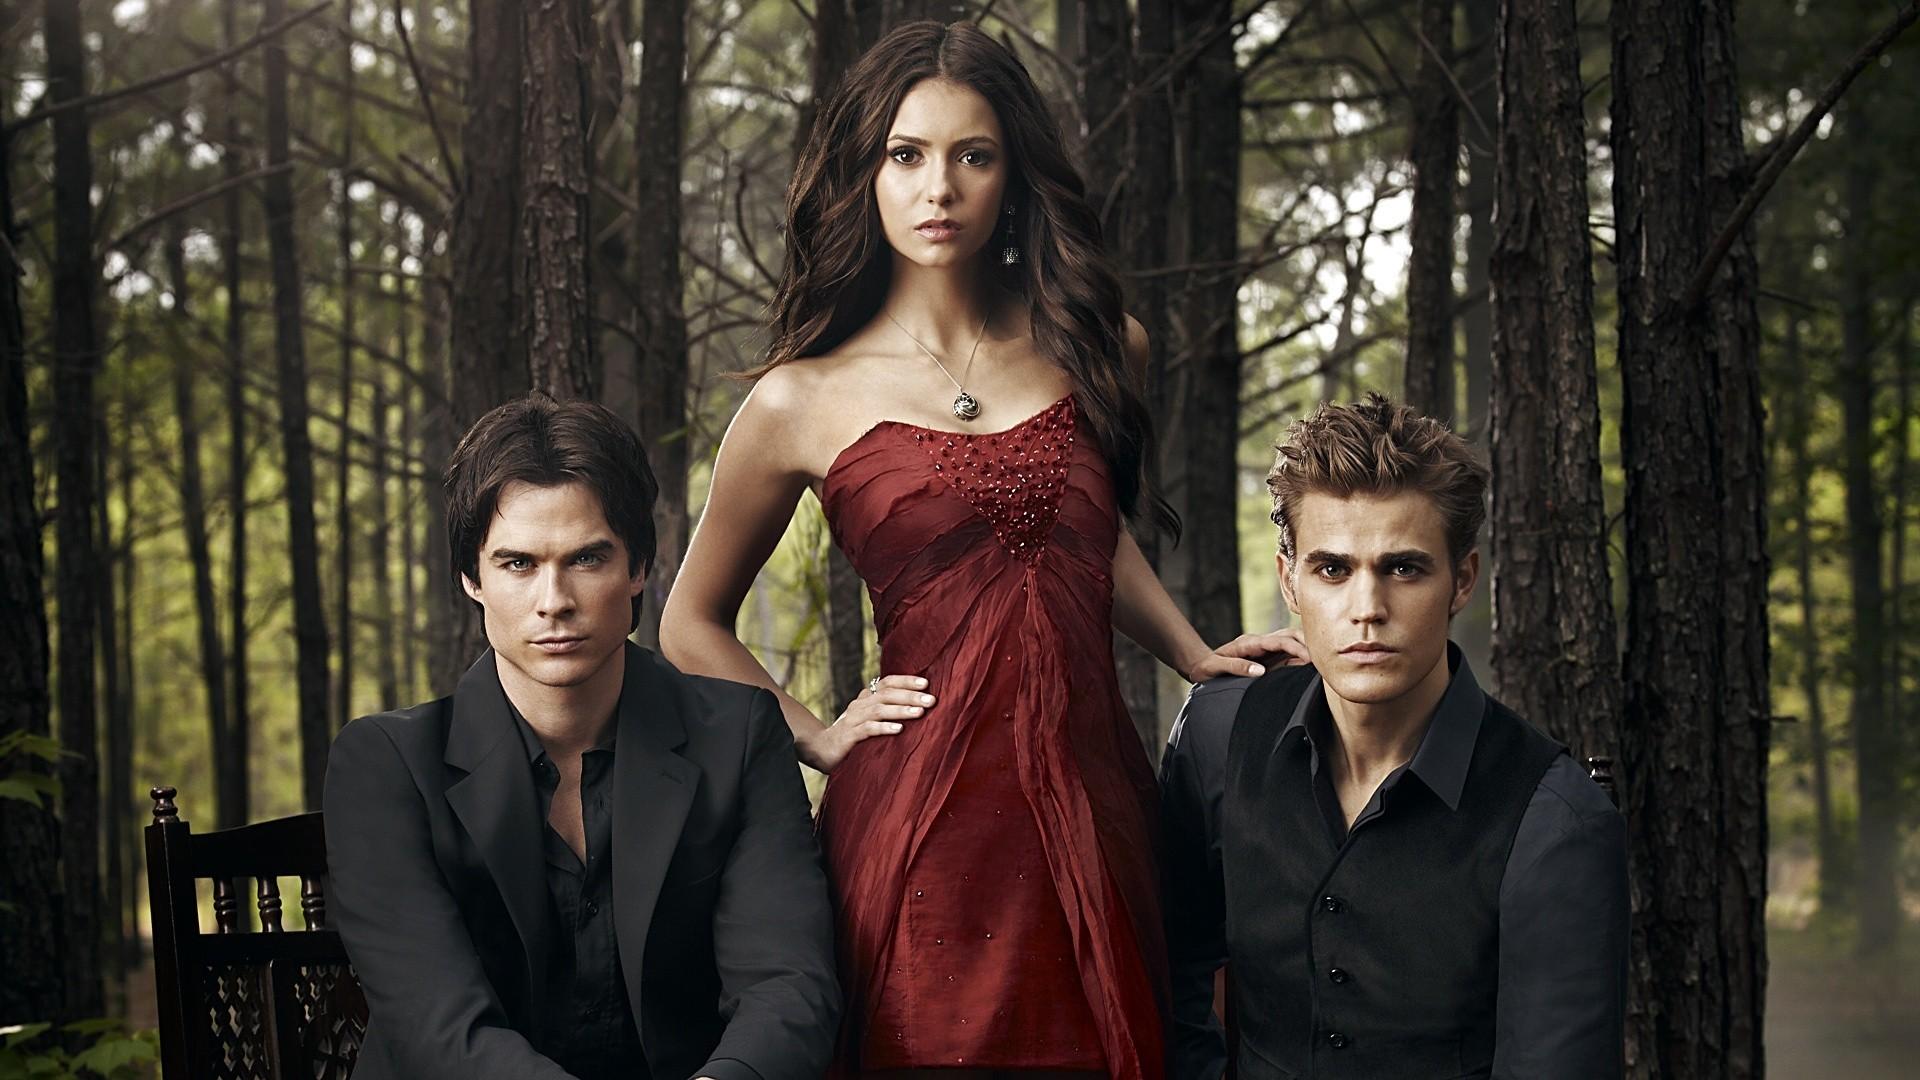 Vampire Diaries PC Wallpaper HD